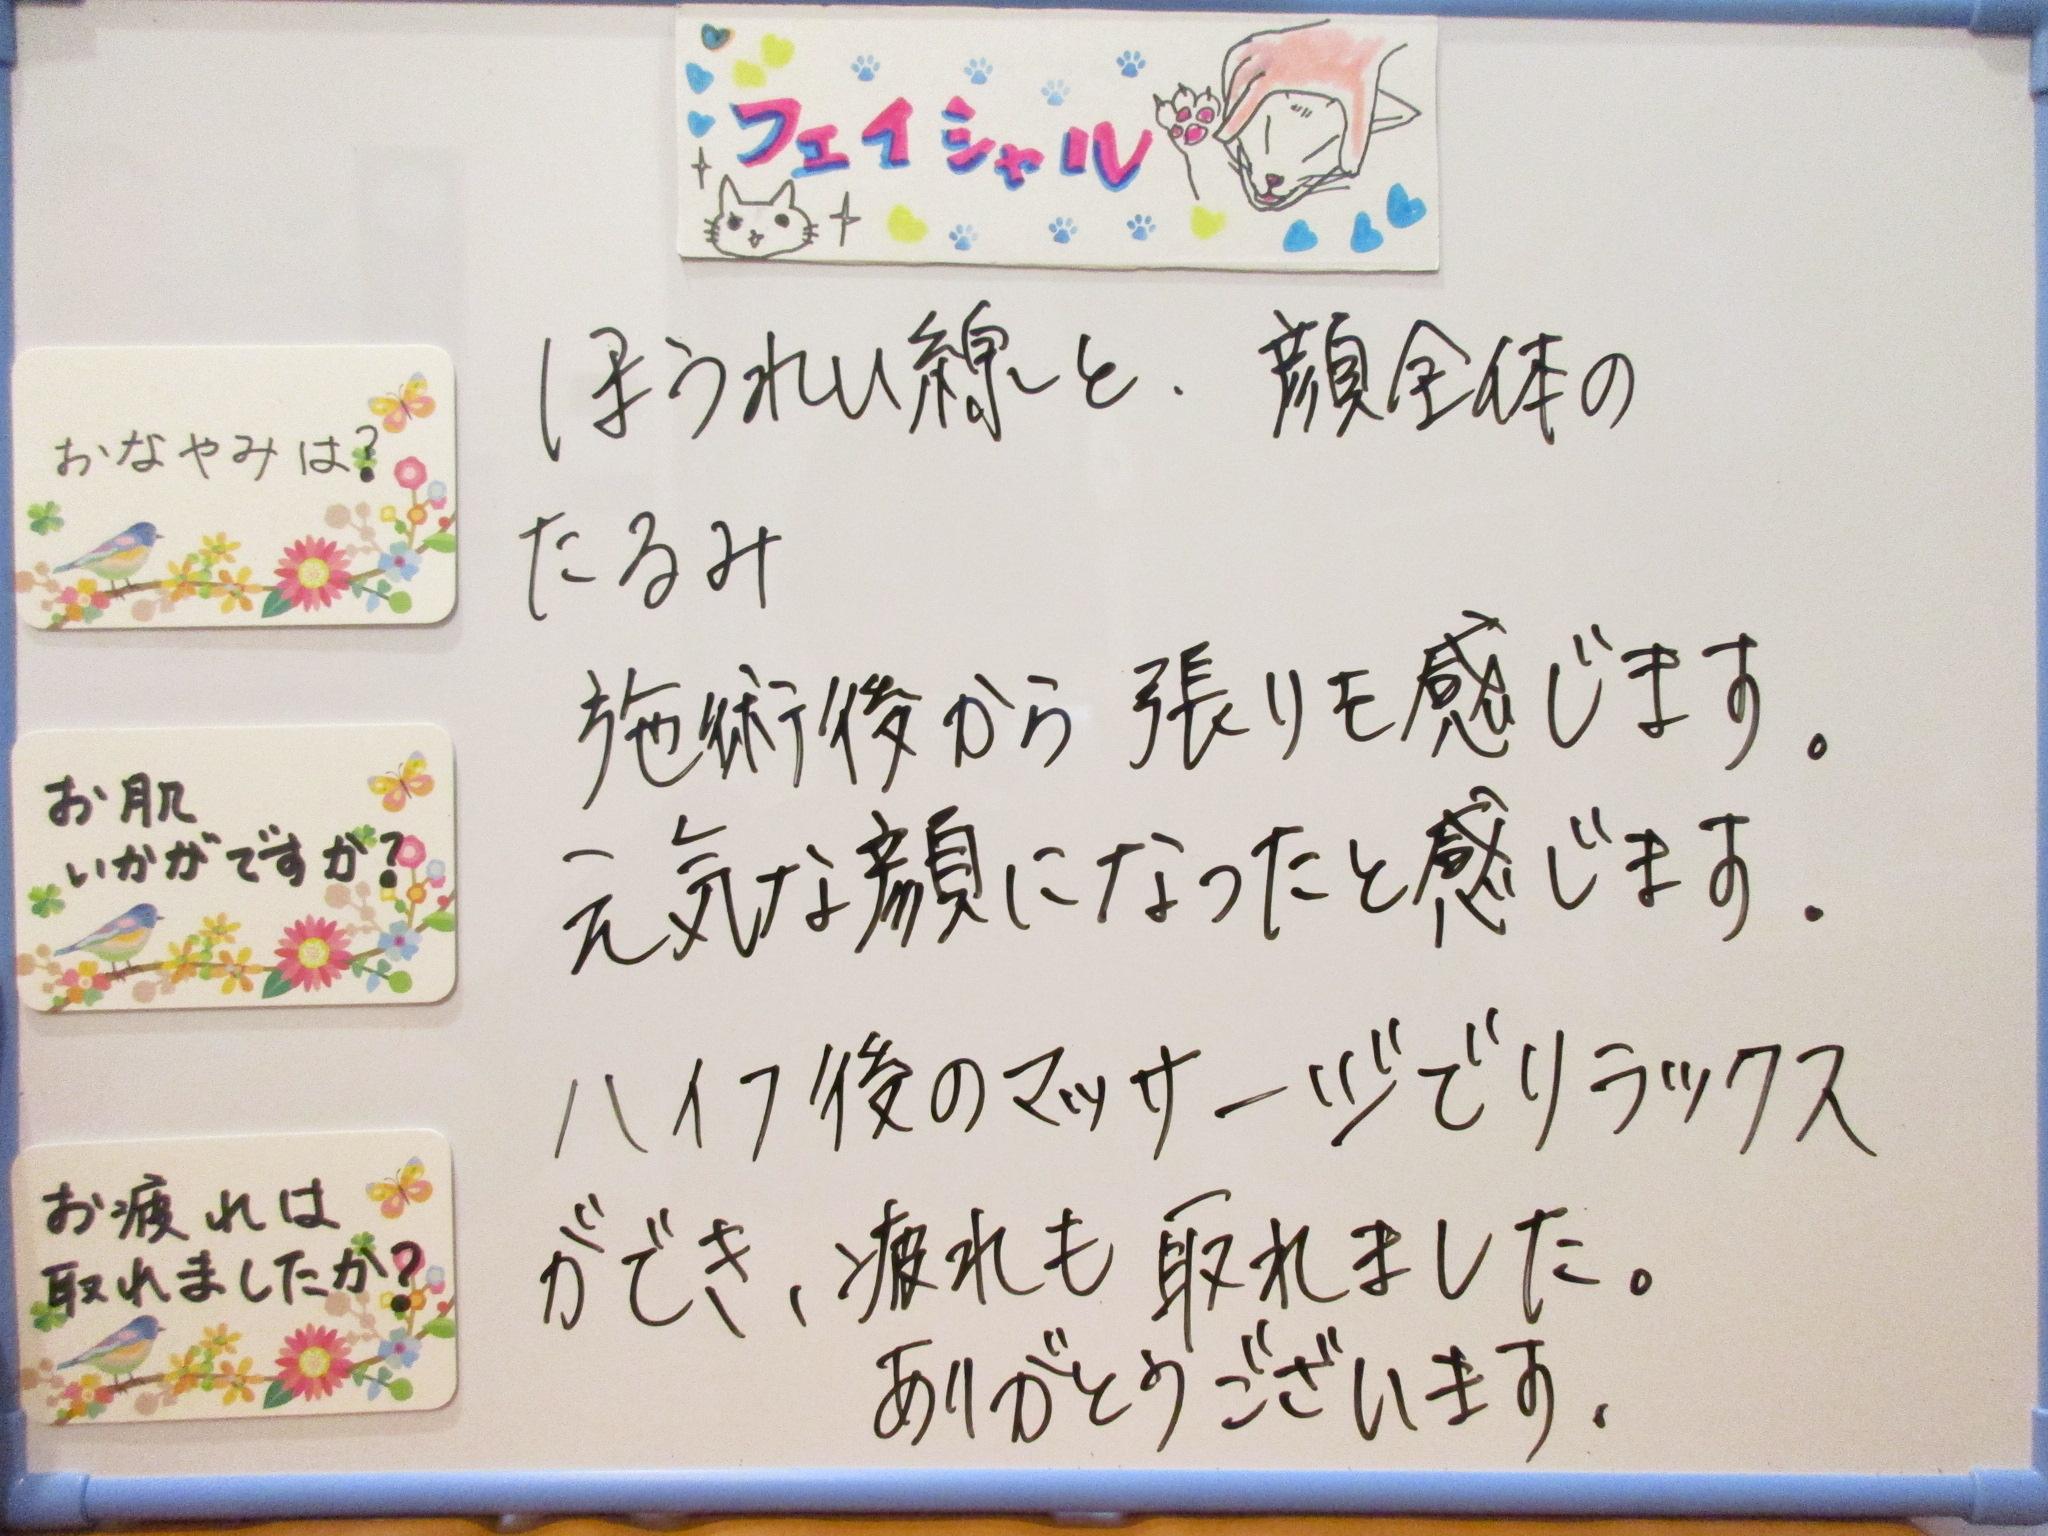 易学鑑定士yasuko先生からのご感想